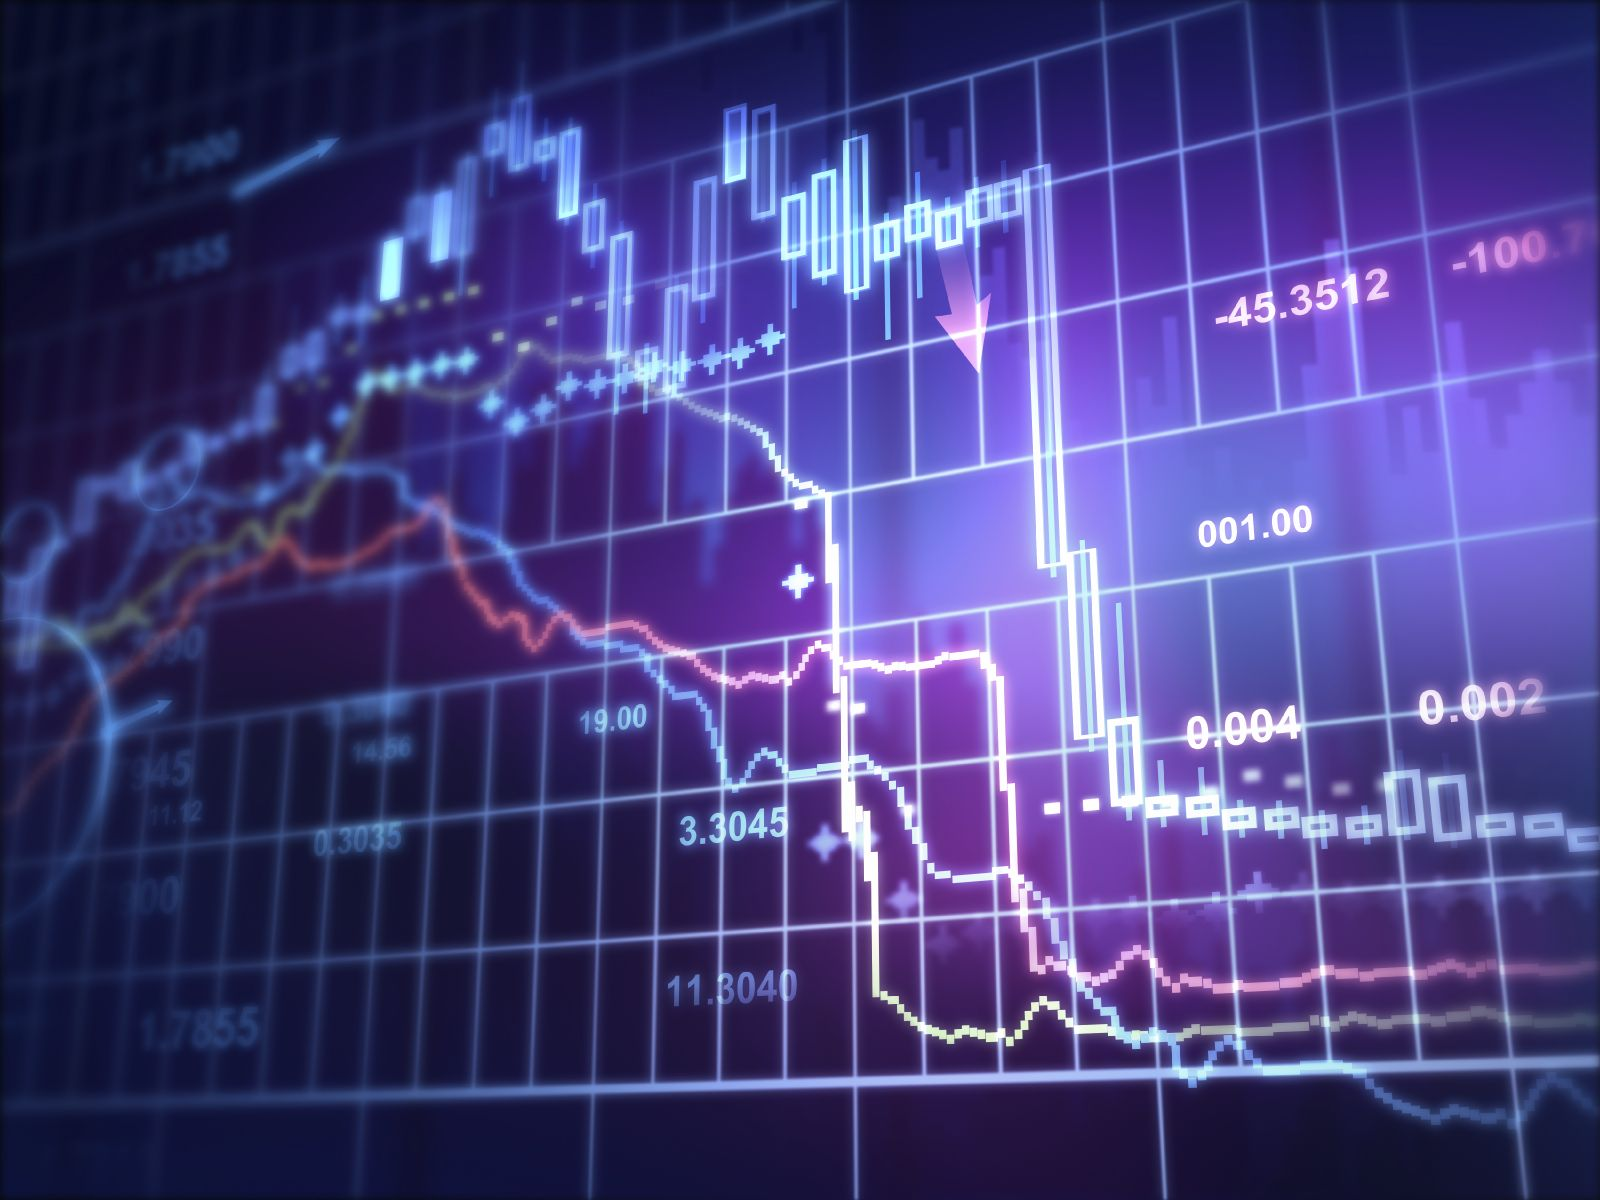 股票配资平台新手炒股入门:怎么买股票才安全